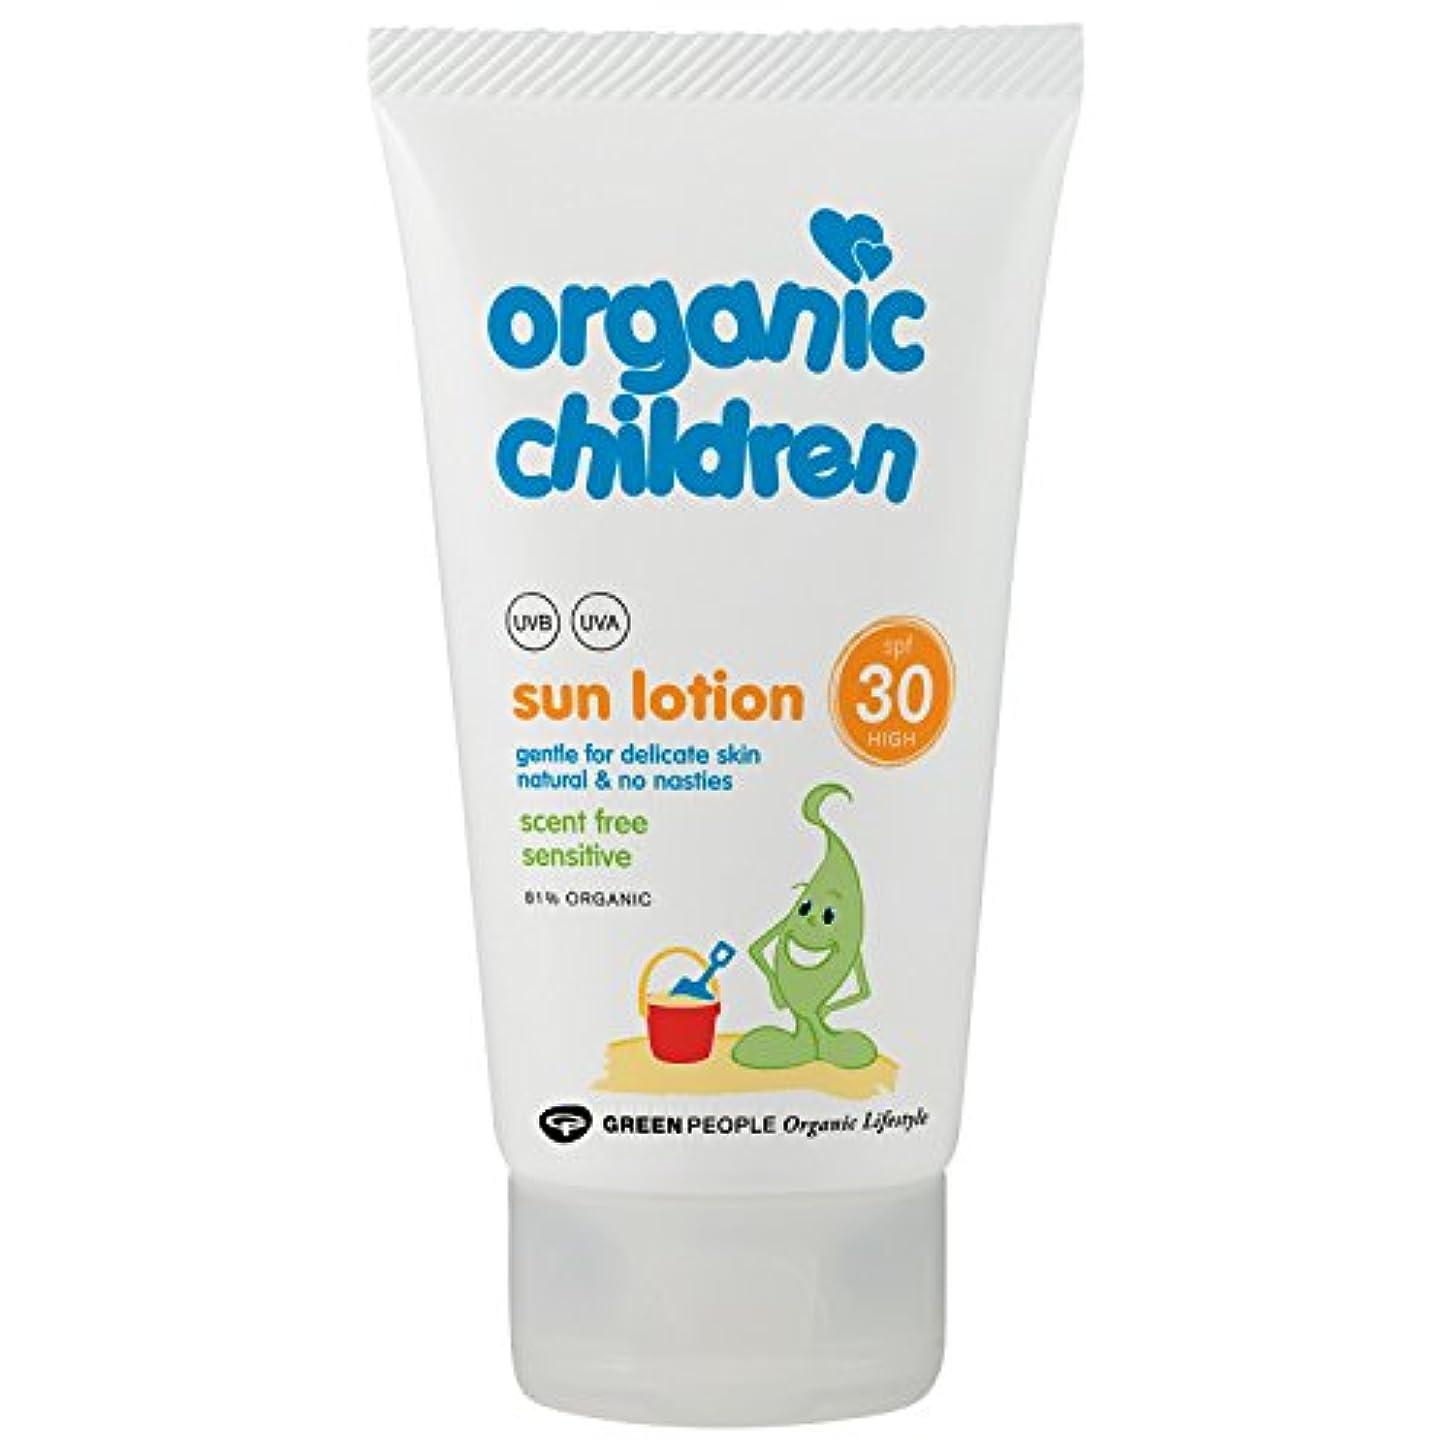 急速な運命的なこだわり有機子どもたちは30日のローション150グラムを x4 - Organic Children SPF 30 Sun Lotion 150g (Pack of 4) [並行輸入品]